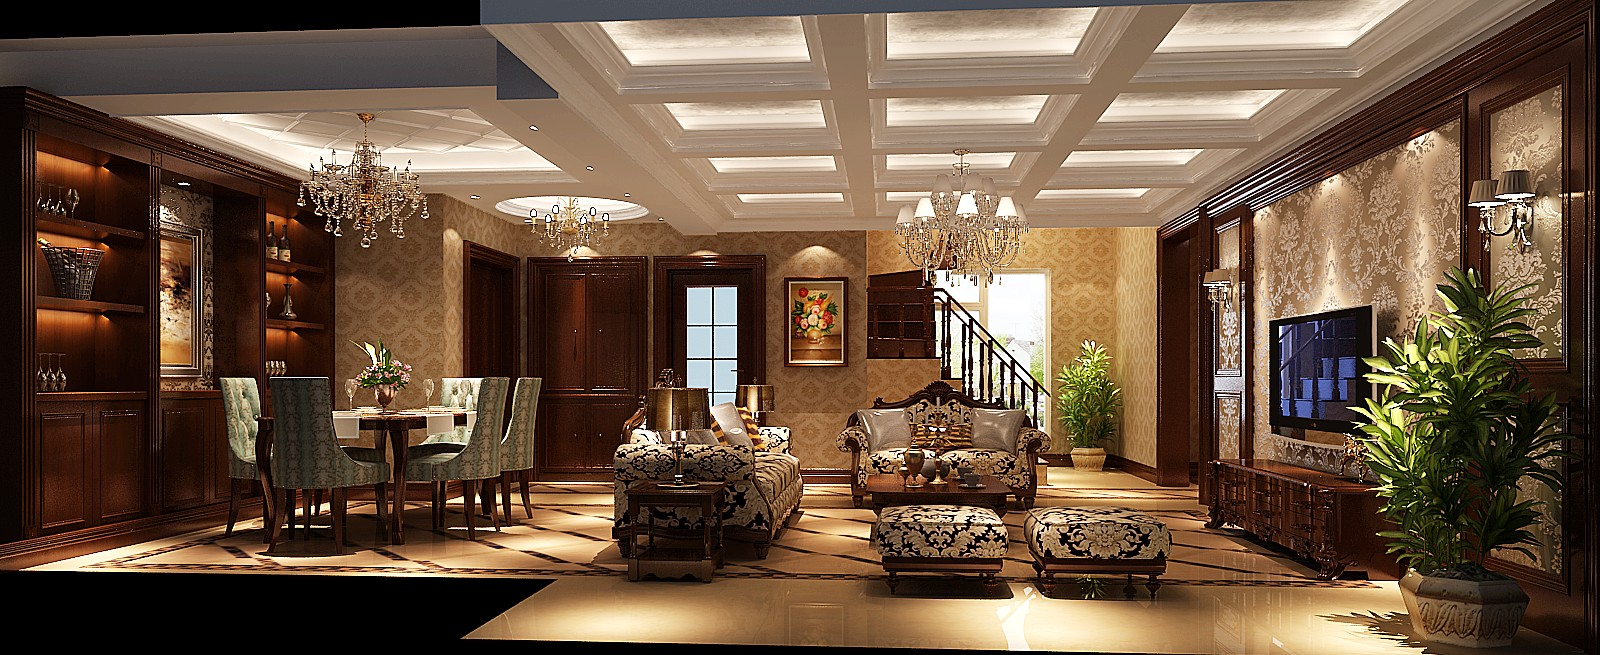 简约 欧式 混搭 白领 收纳 小资 高度国际 小清新 温馨舒适 客厅图片来自高度国际王慧芳在简欧鲁能七号院的分享